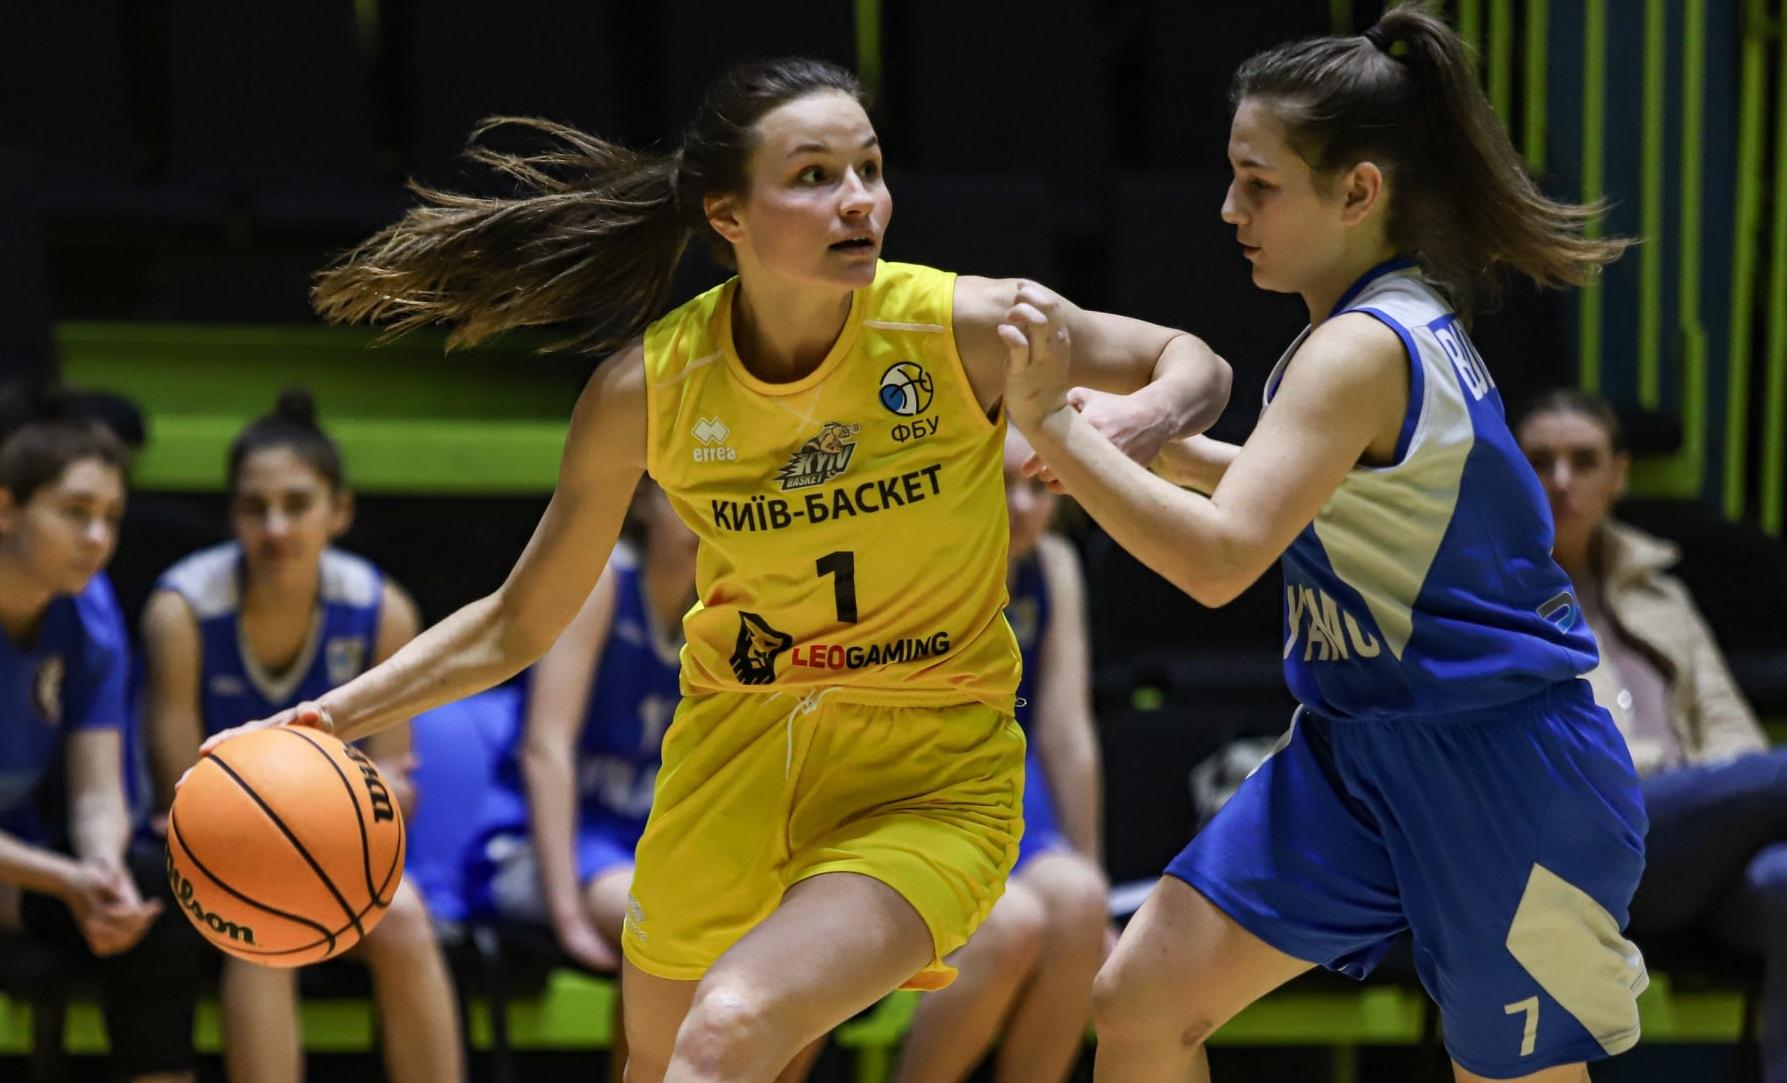 Як Київ-Баскет вийшов у Фінал чотирьох Кубка України: фотогалерея